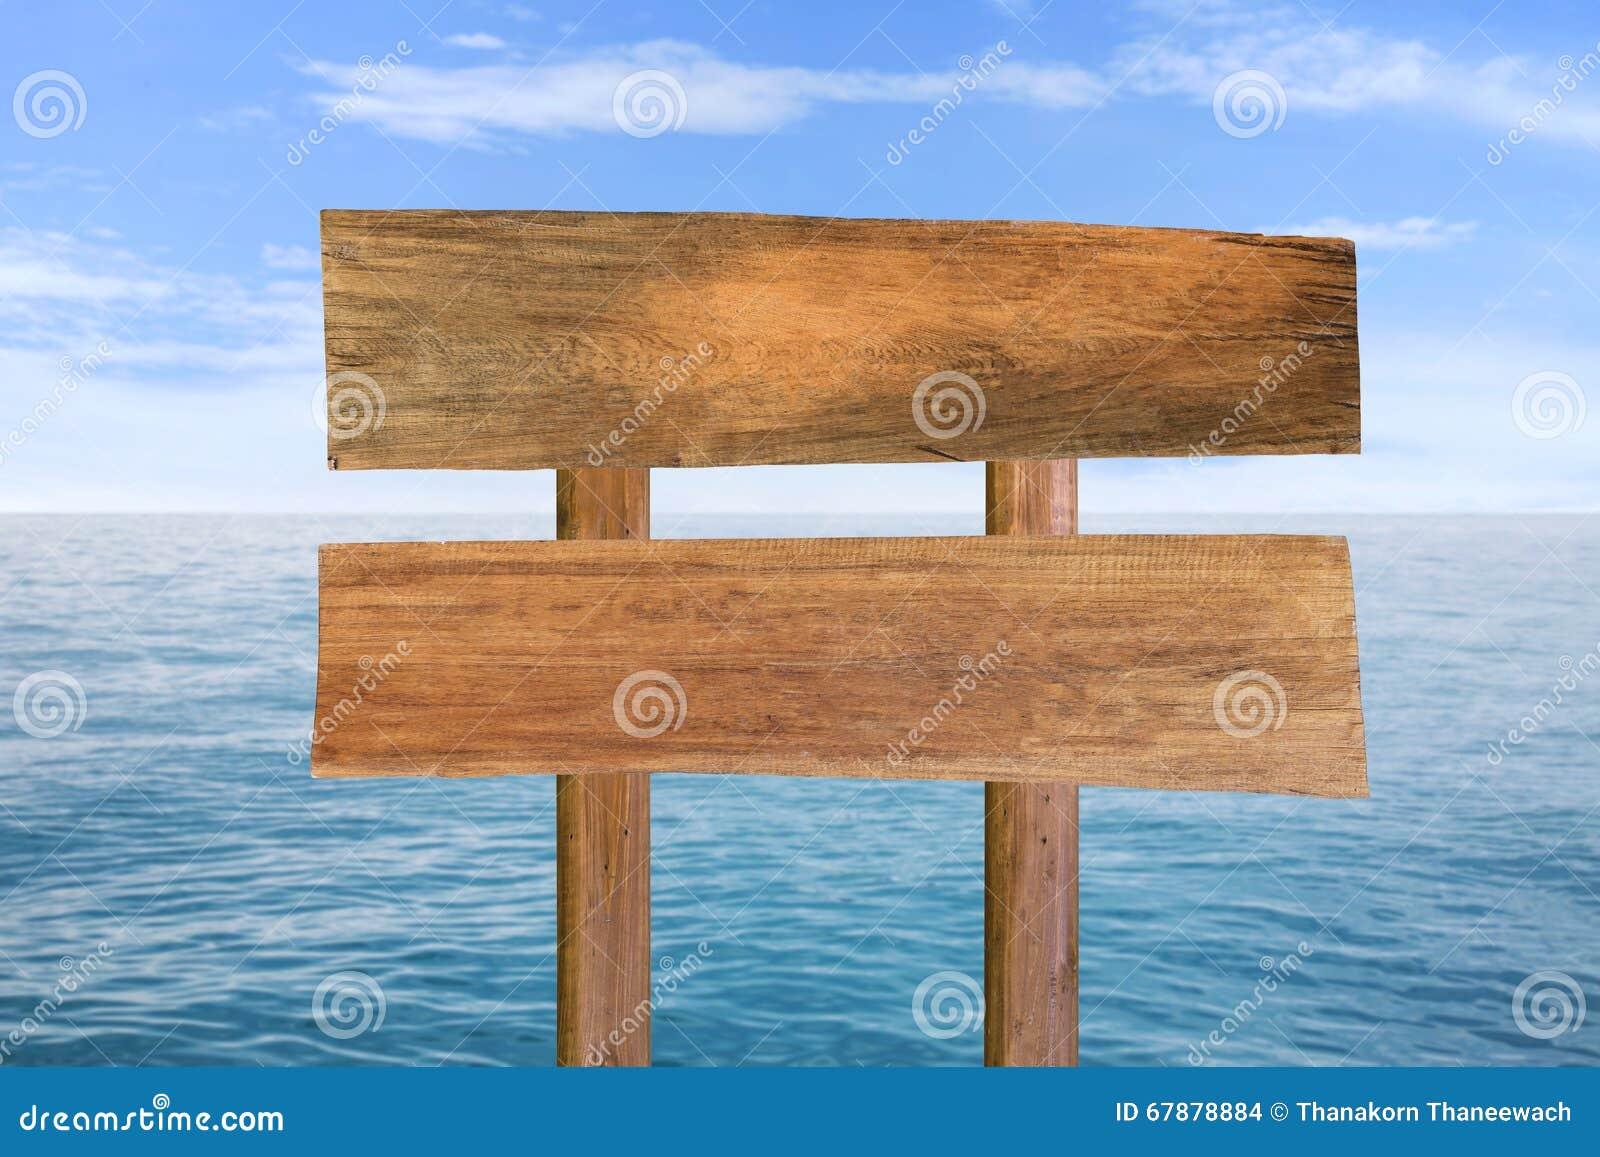 木牌有蓝色海和天空背景